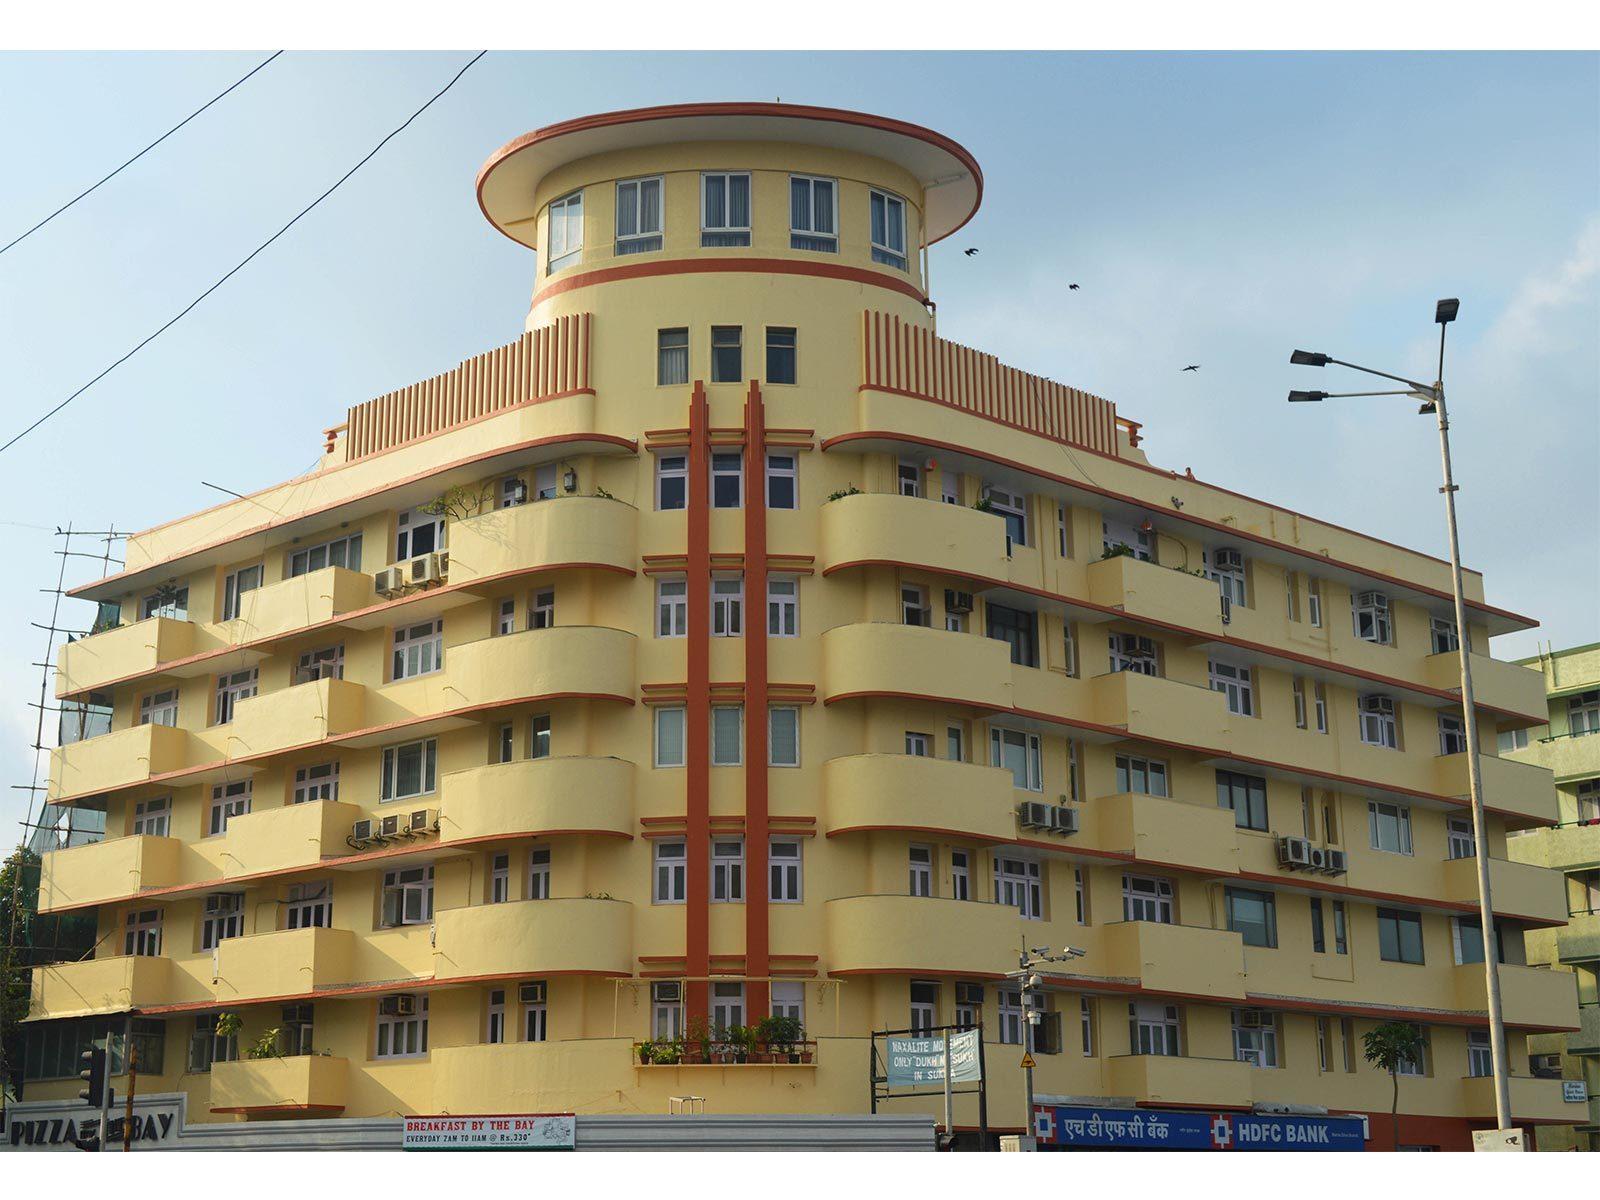 Soona Mahal, Marine Drive © Art Deco Mumbai Trust